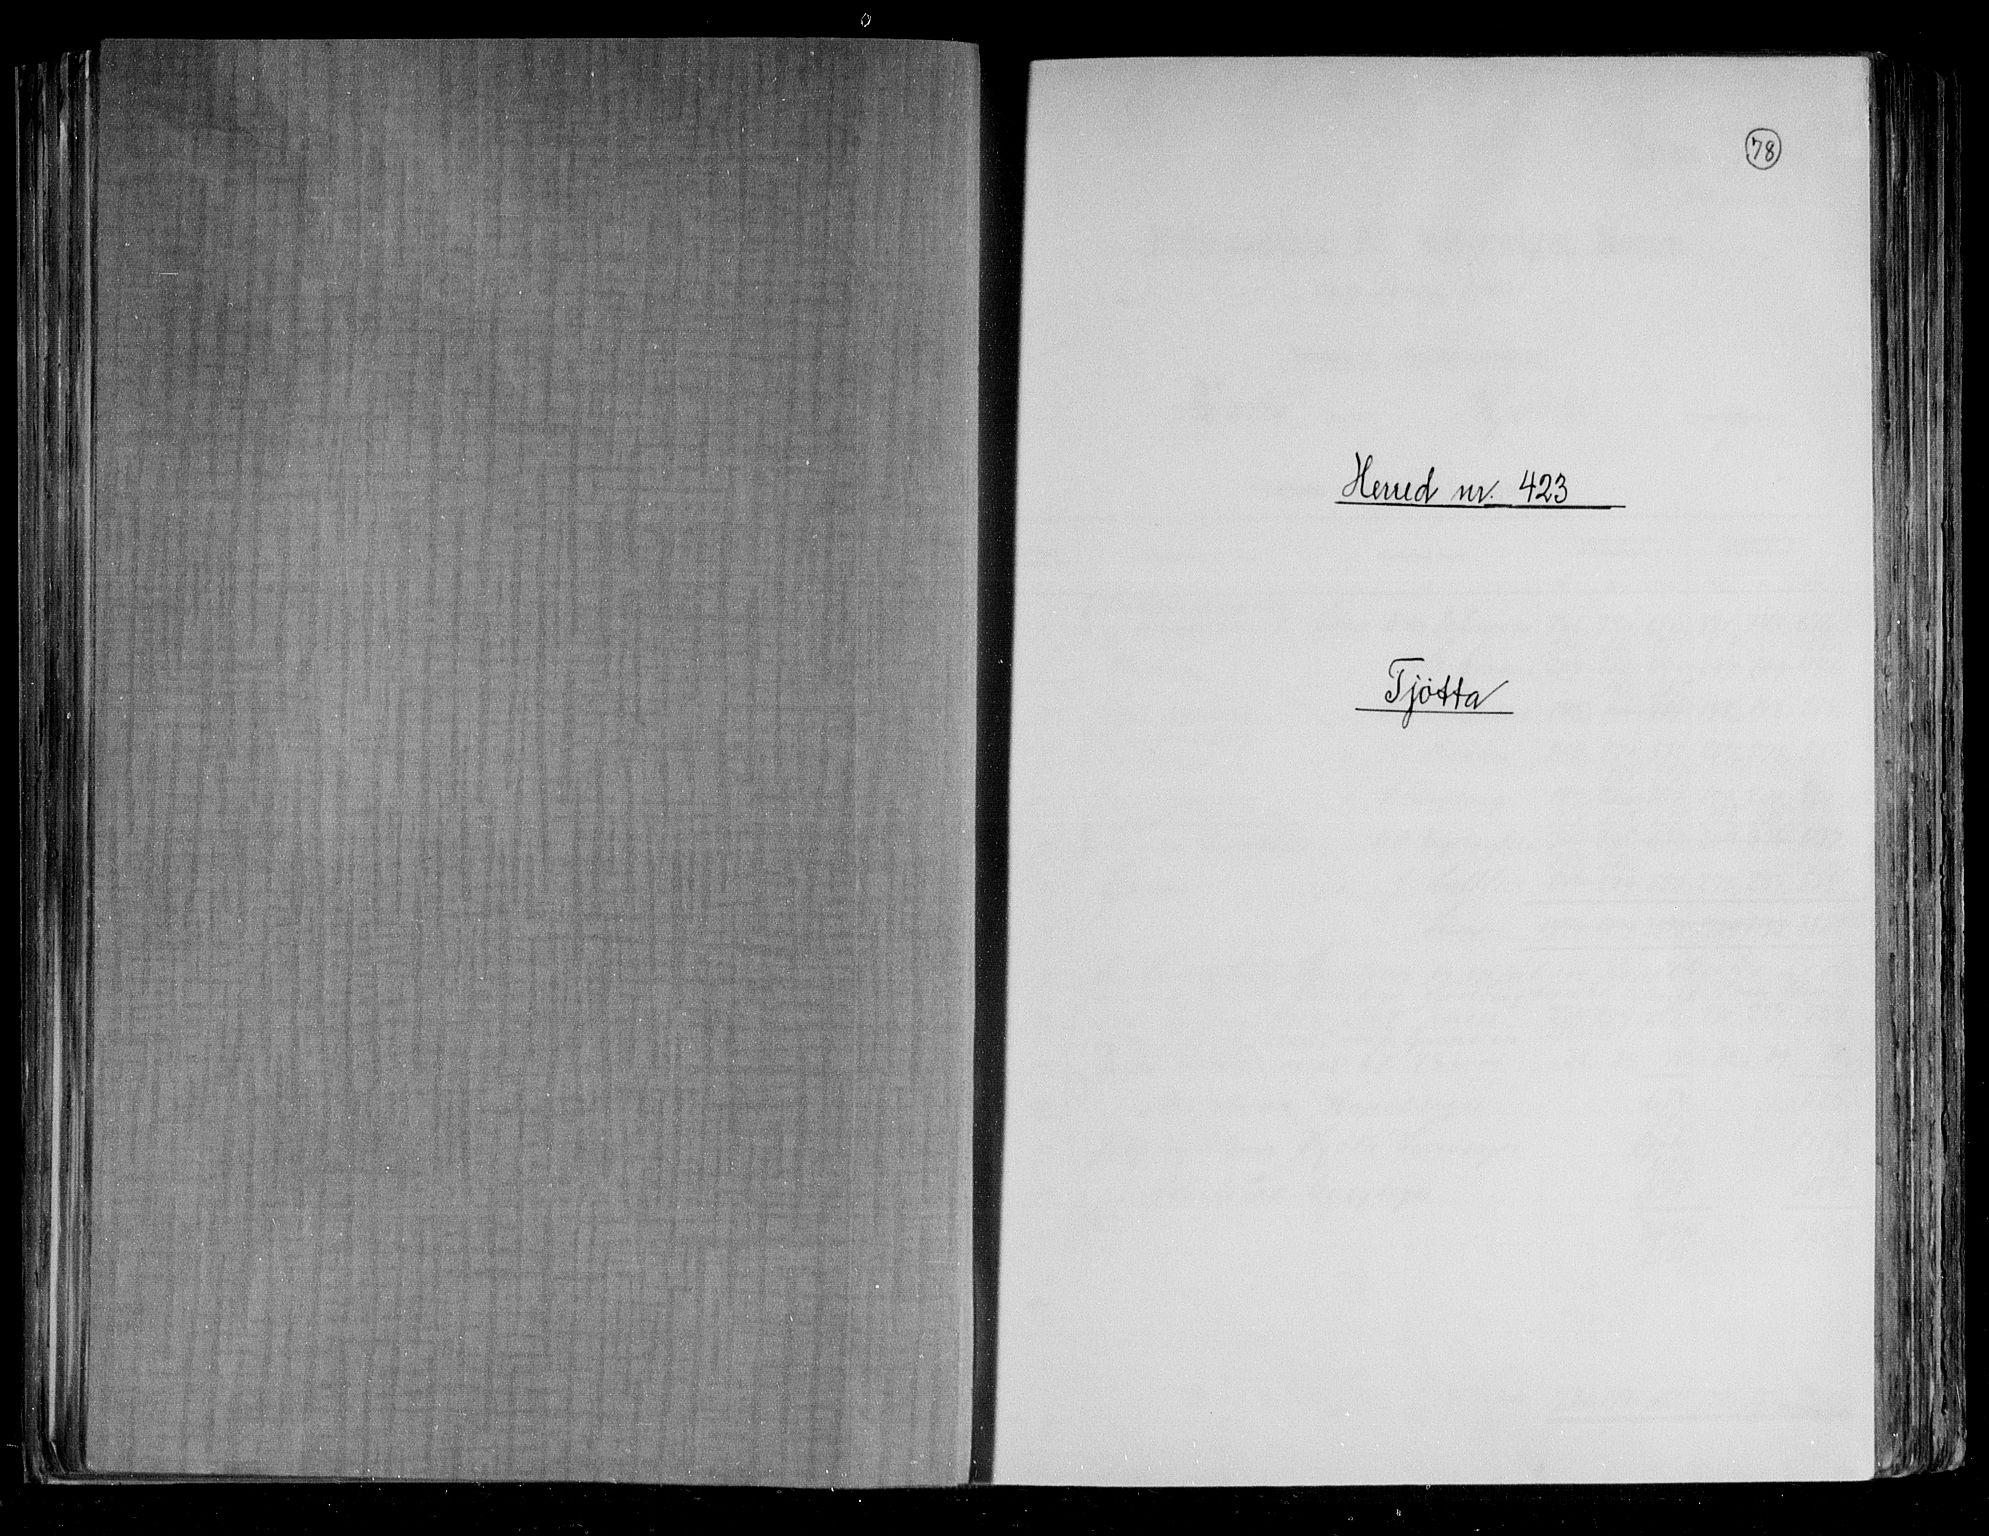 RA, Folketelling 1891 for 1817 Tjøtta herred, 1891, s. 1